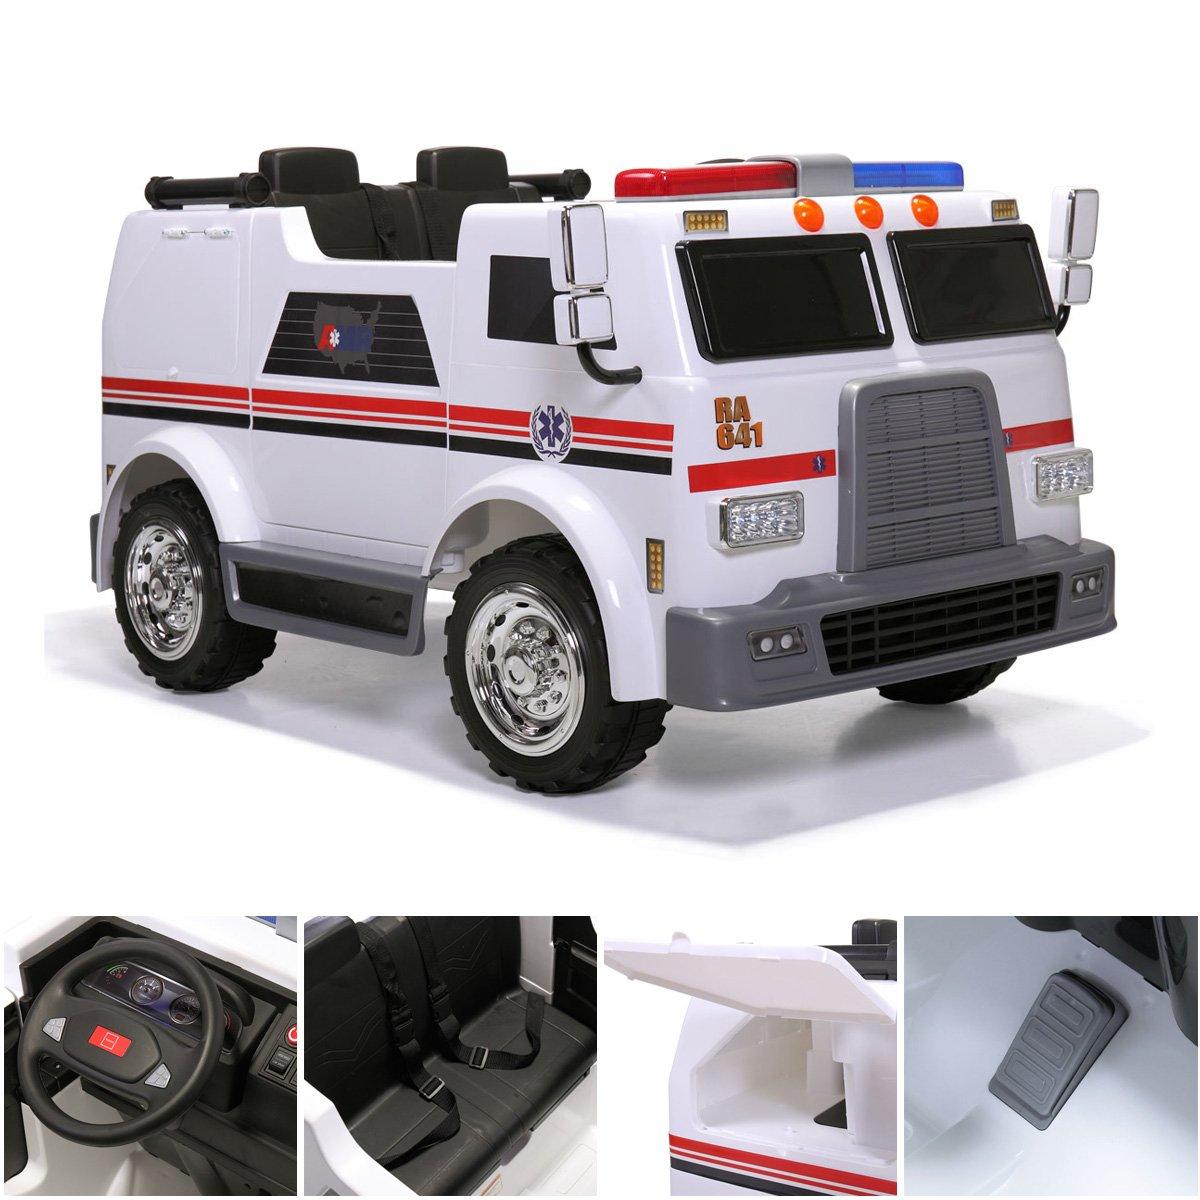 Amazon.com: Tobbi - Batería de 12 V para vehículo con mando ...